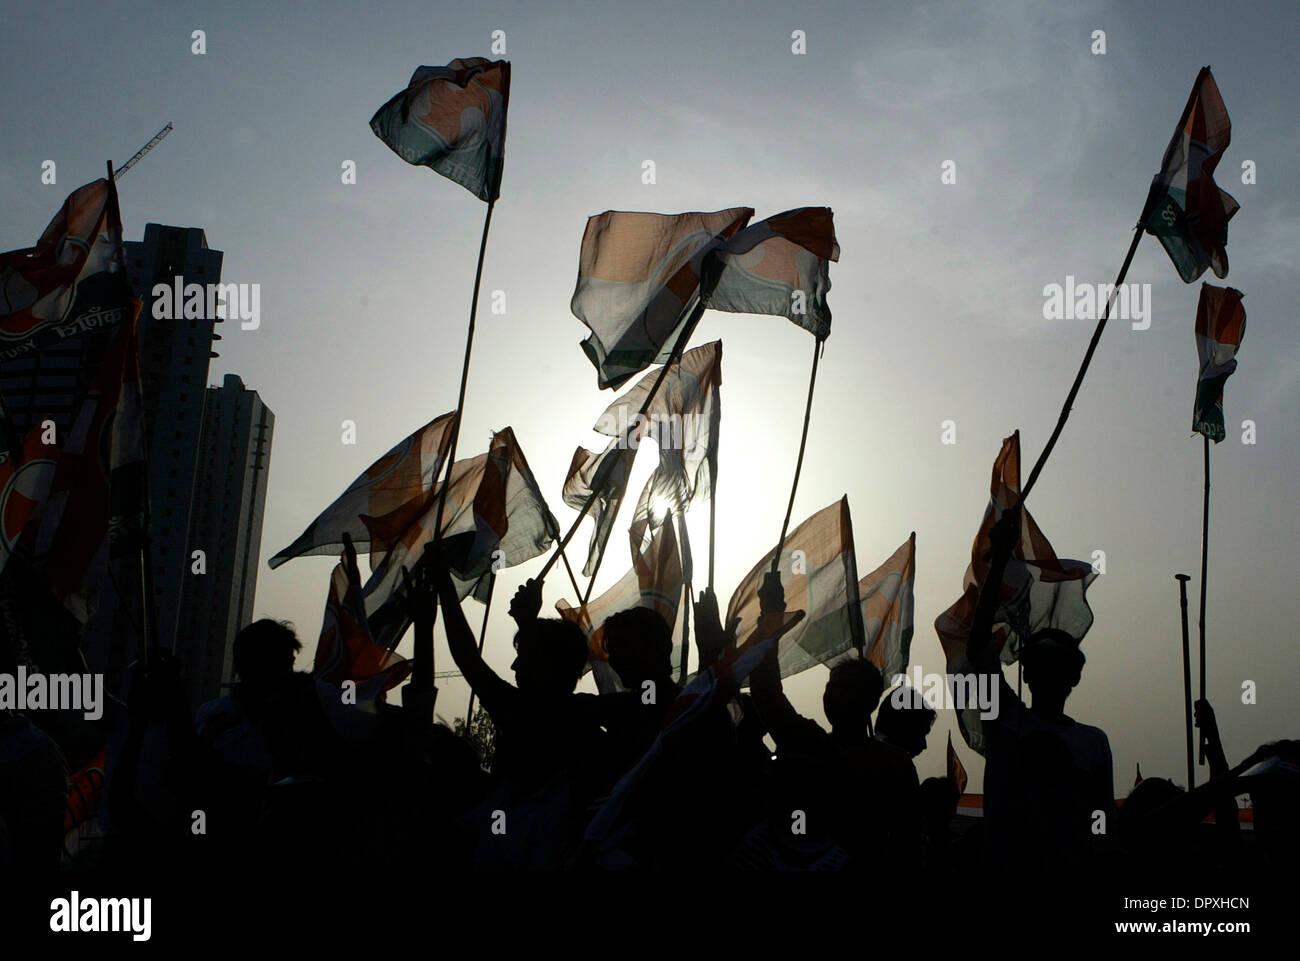 Incontri gratuiti a Delhi NCR